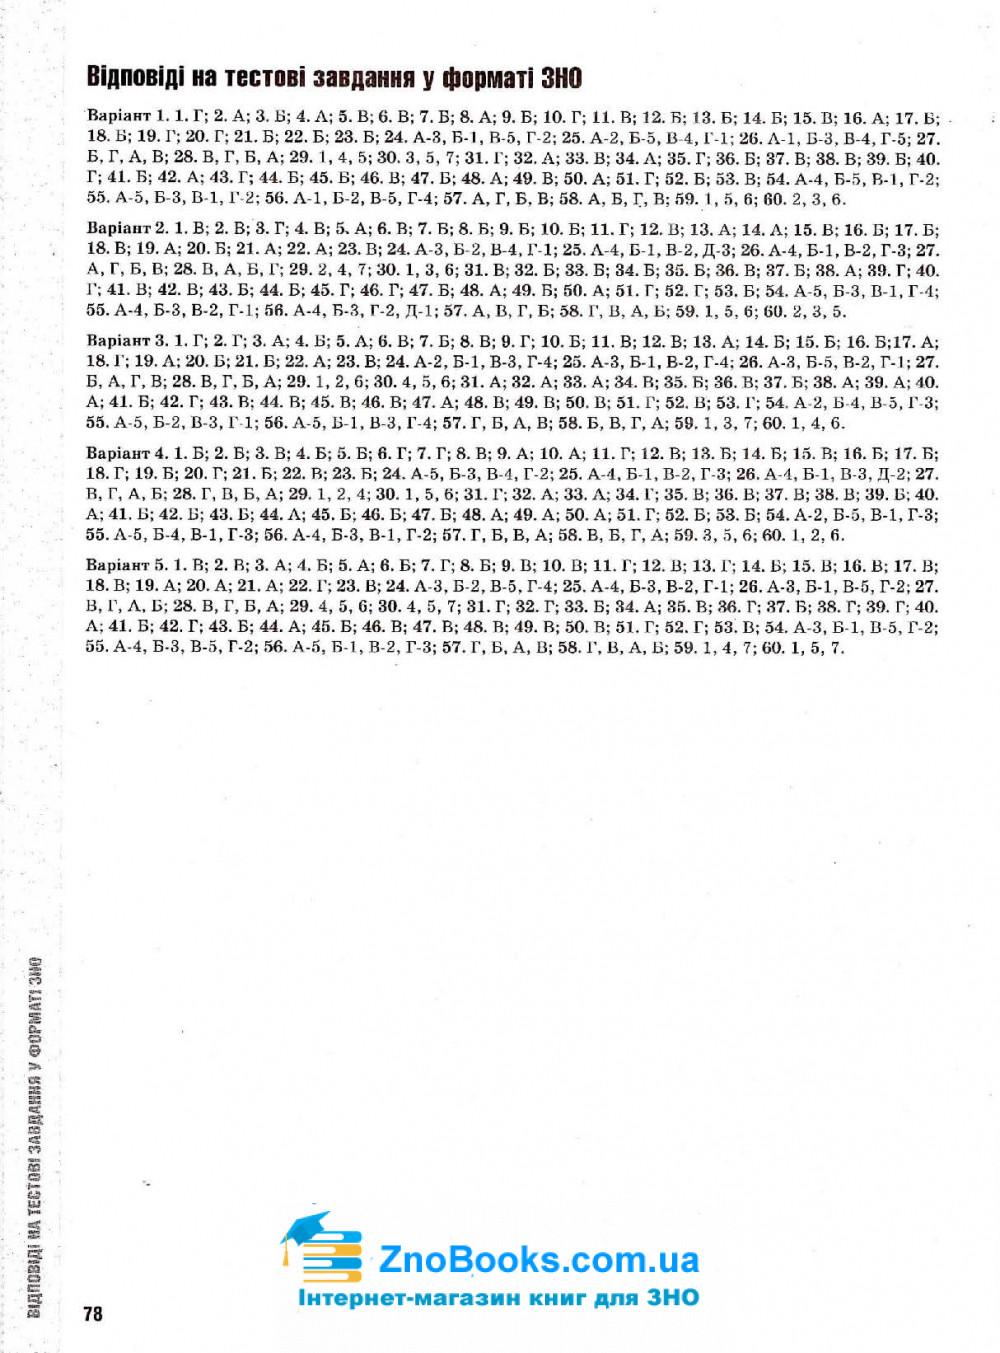 Історія України. Тестові завдання у форматі ЗНО 2021: Гук О. Освіта. купити 8